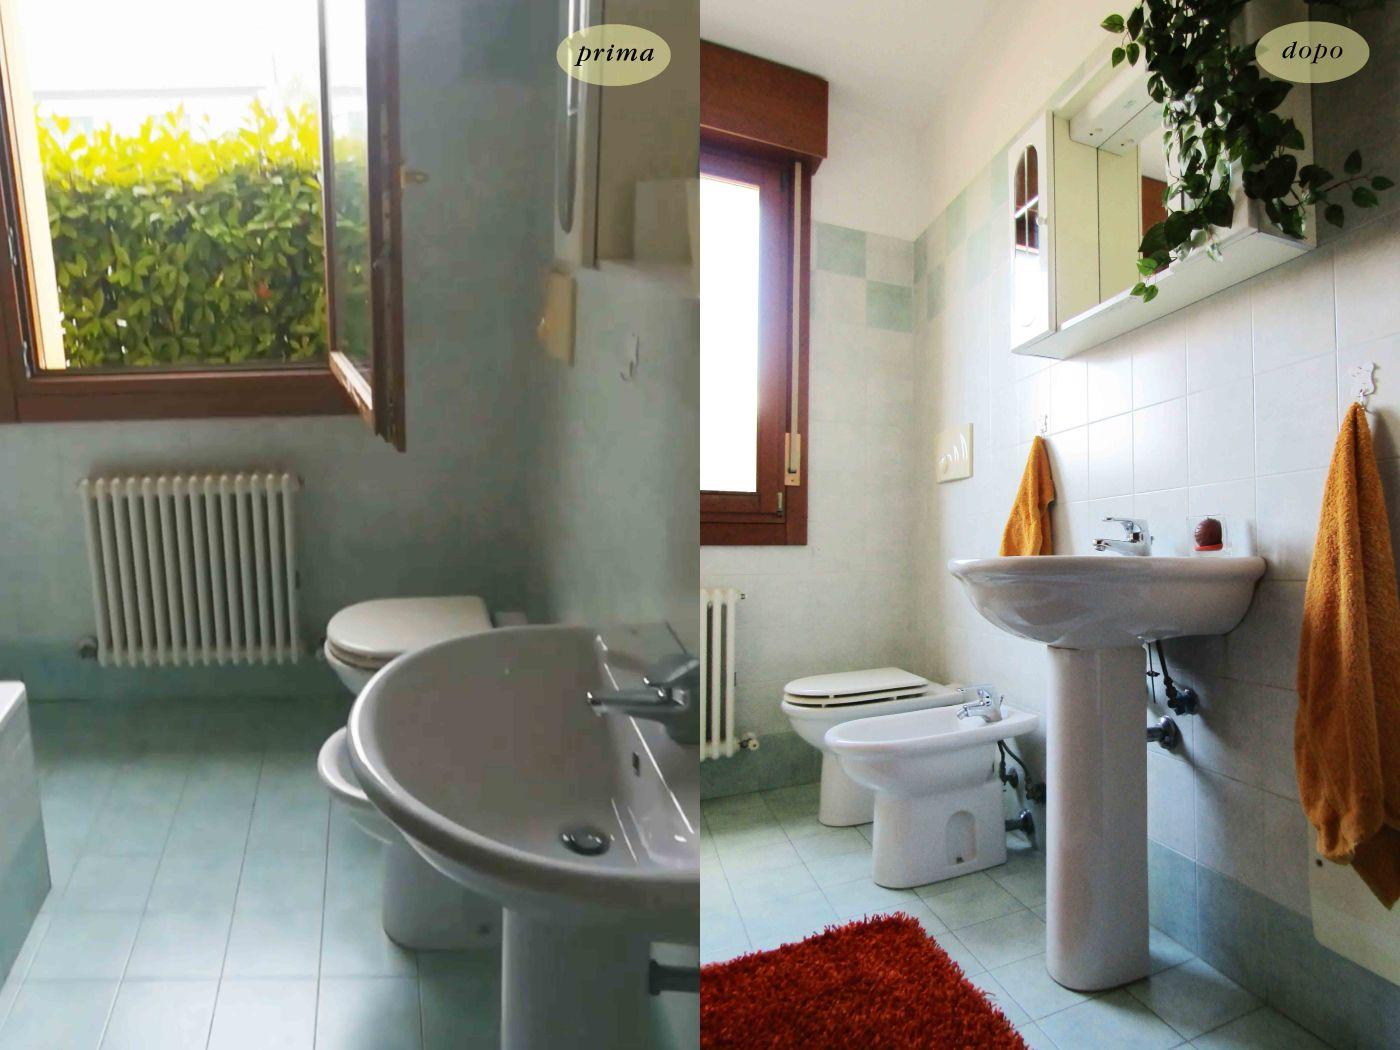 bagno 01 p+d sito